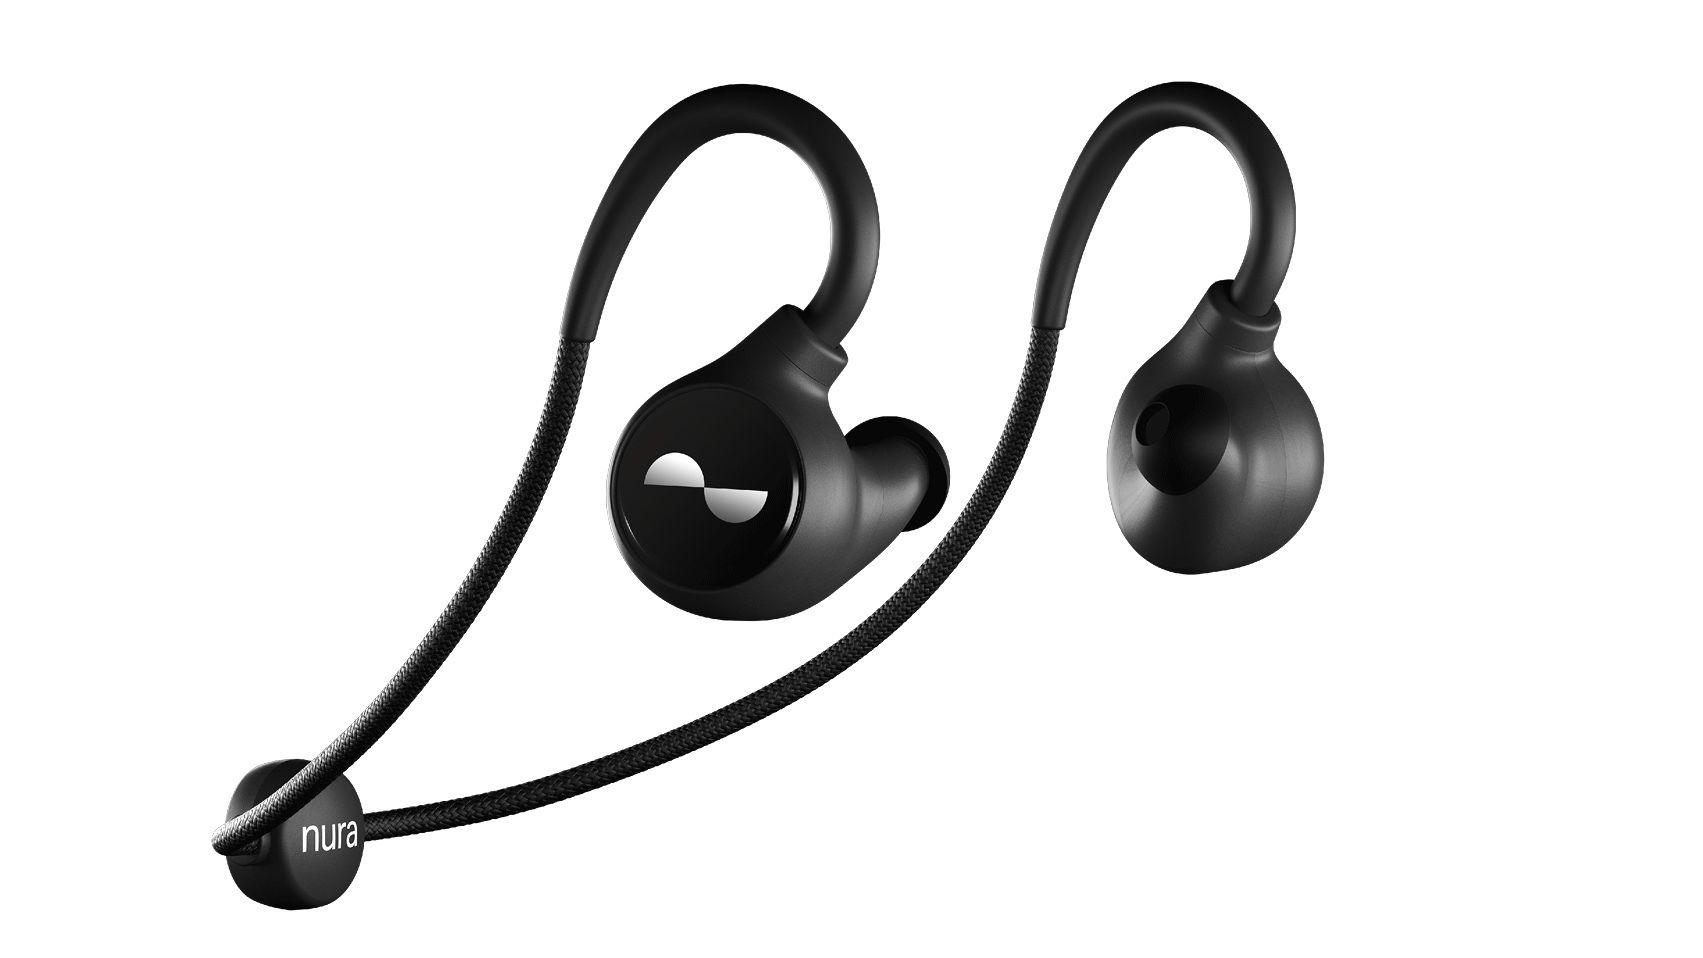 Nuraphone-skaperne slipper trådløse øreplugger som tilpasser lyden til akkurat dine ører